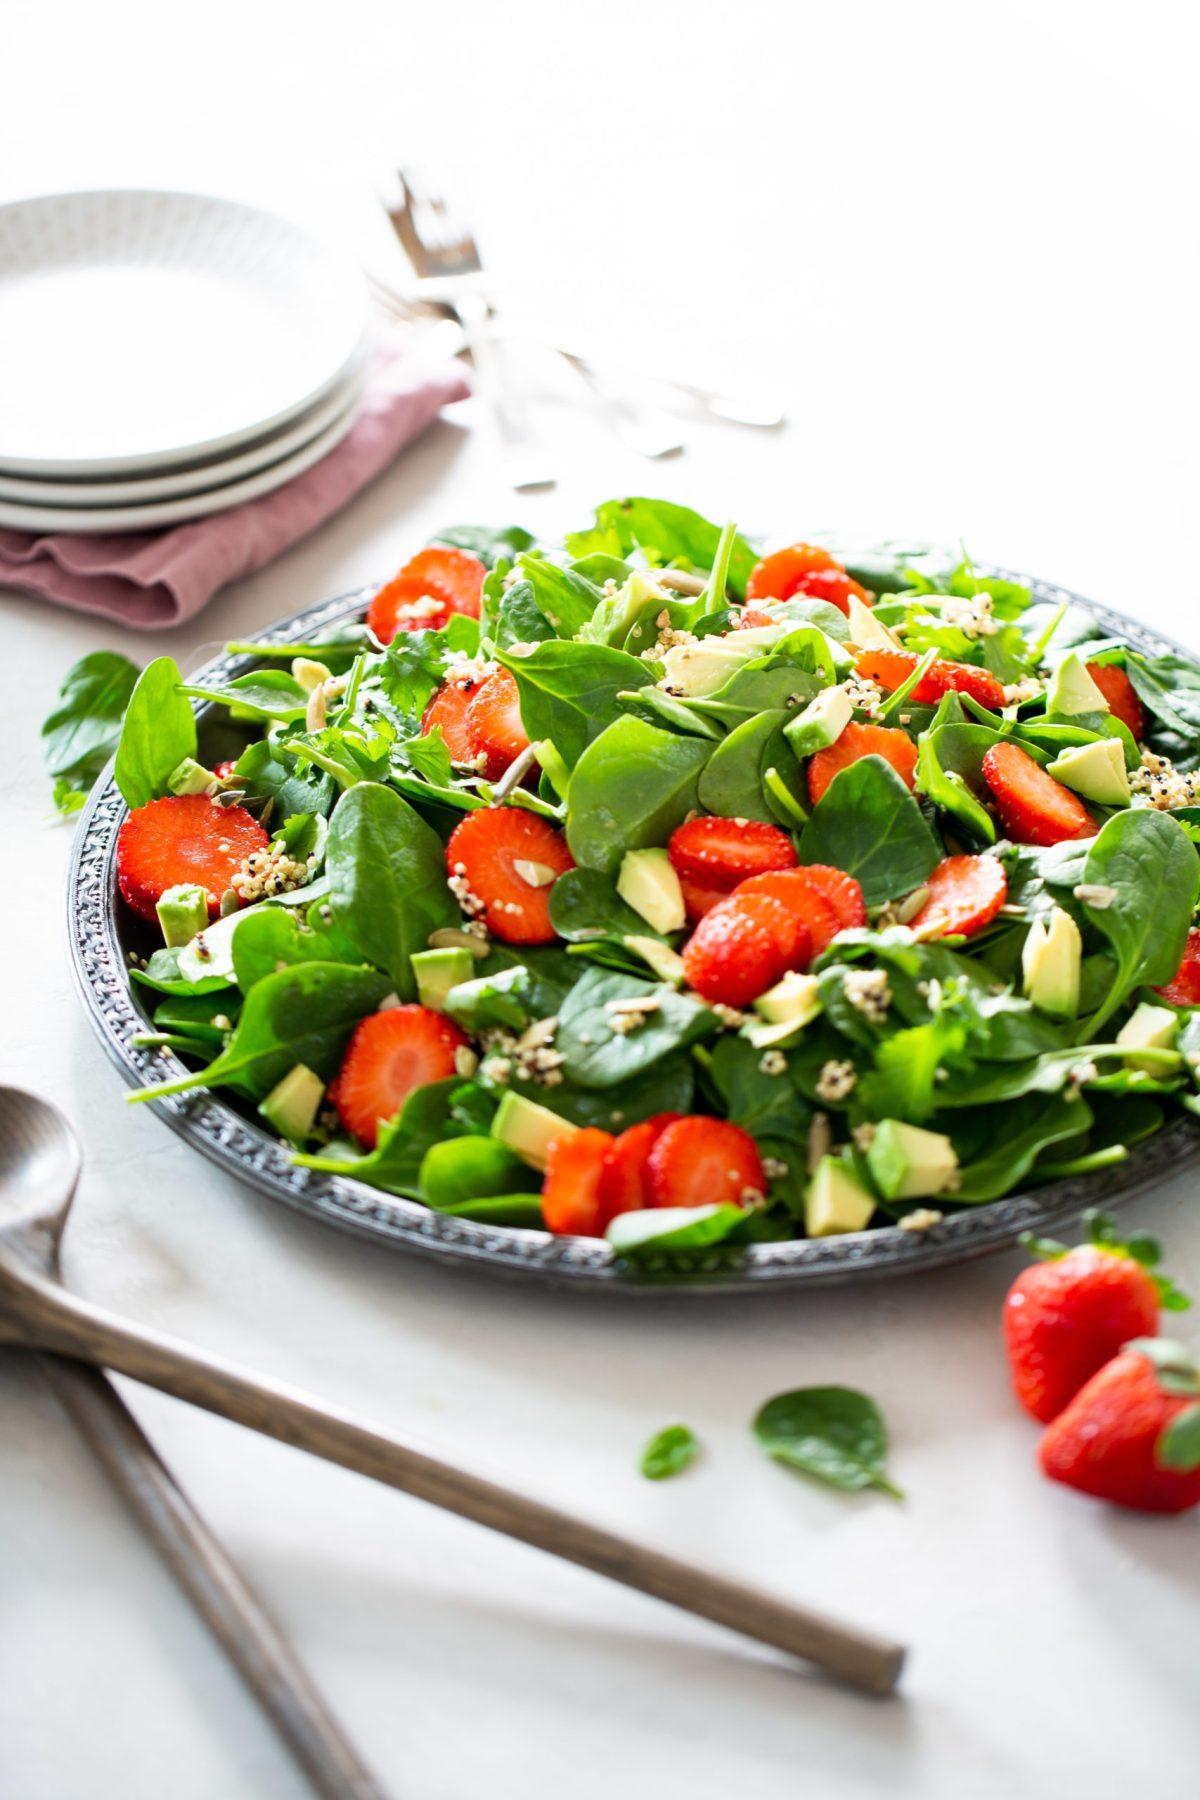 ensalada de espinacas con fresas